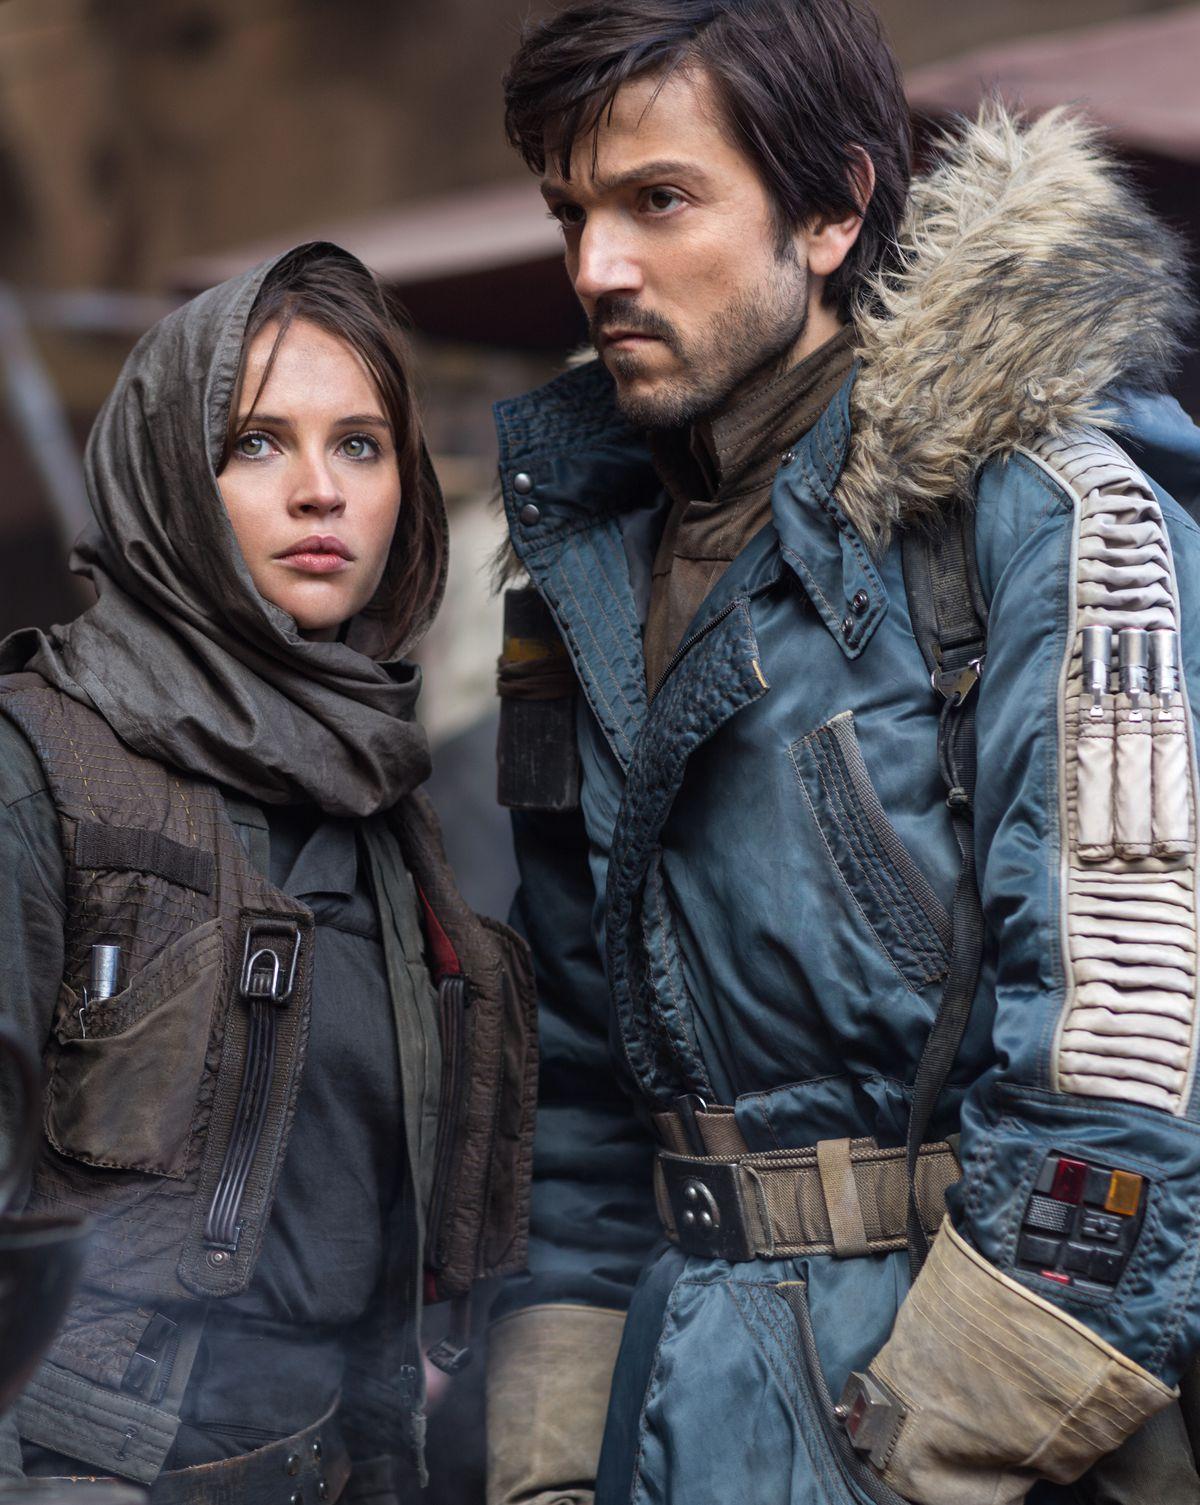 Rogue One - Jyn Erso, Captain Cassian Andor